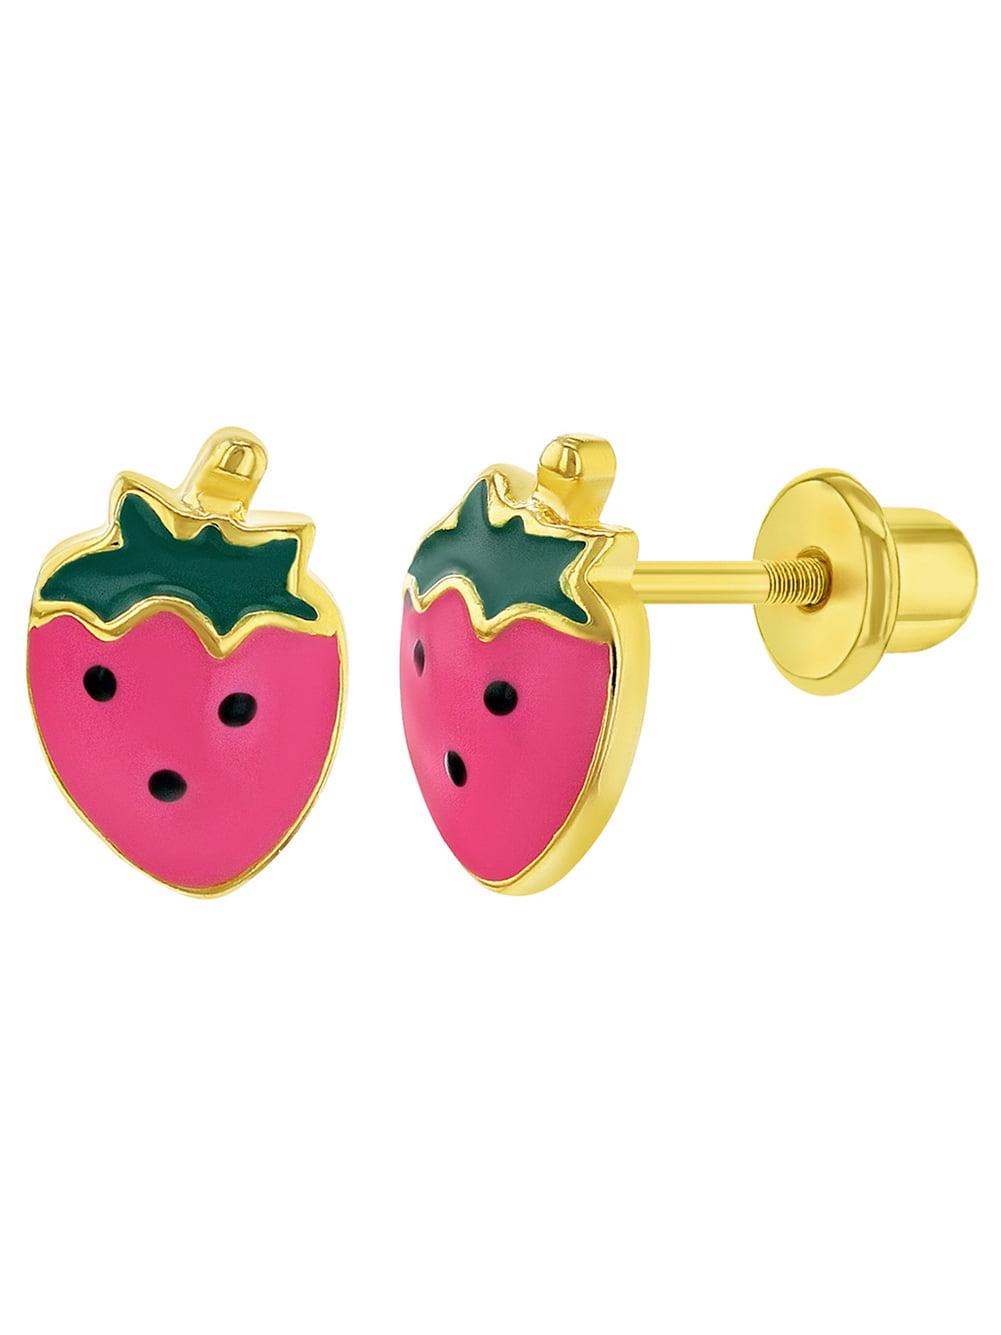 Red Fruit Earrings Enamel Strawberry Earrings Kawaii Food Gift